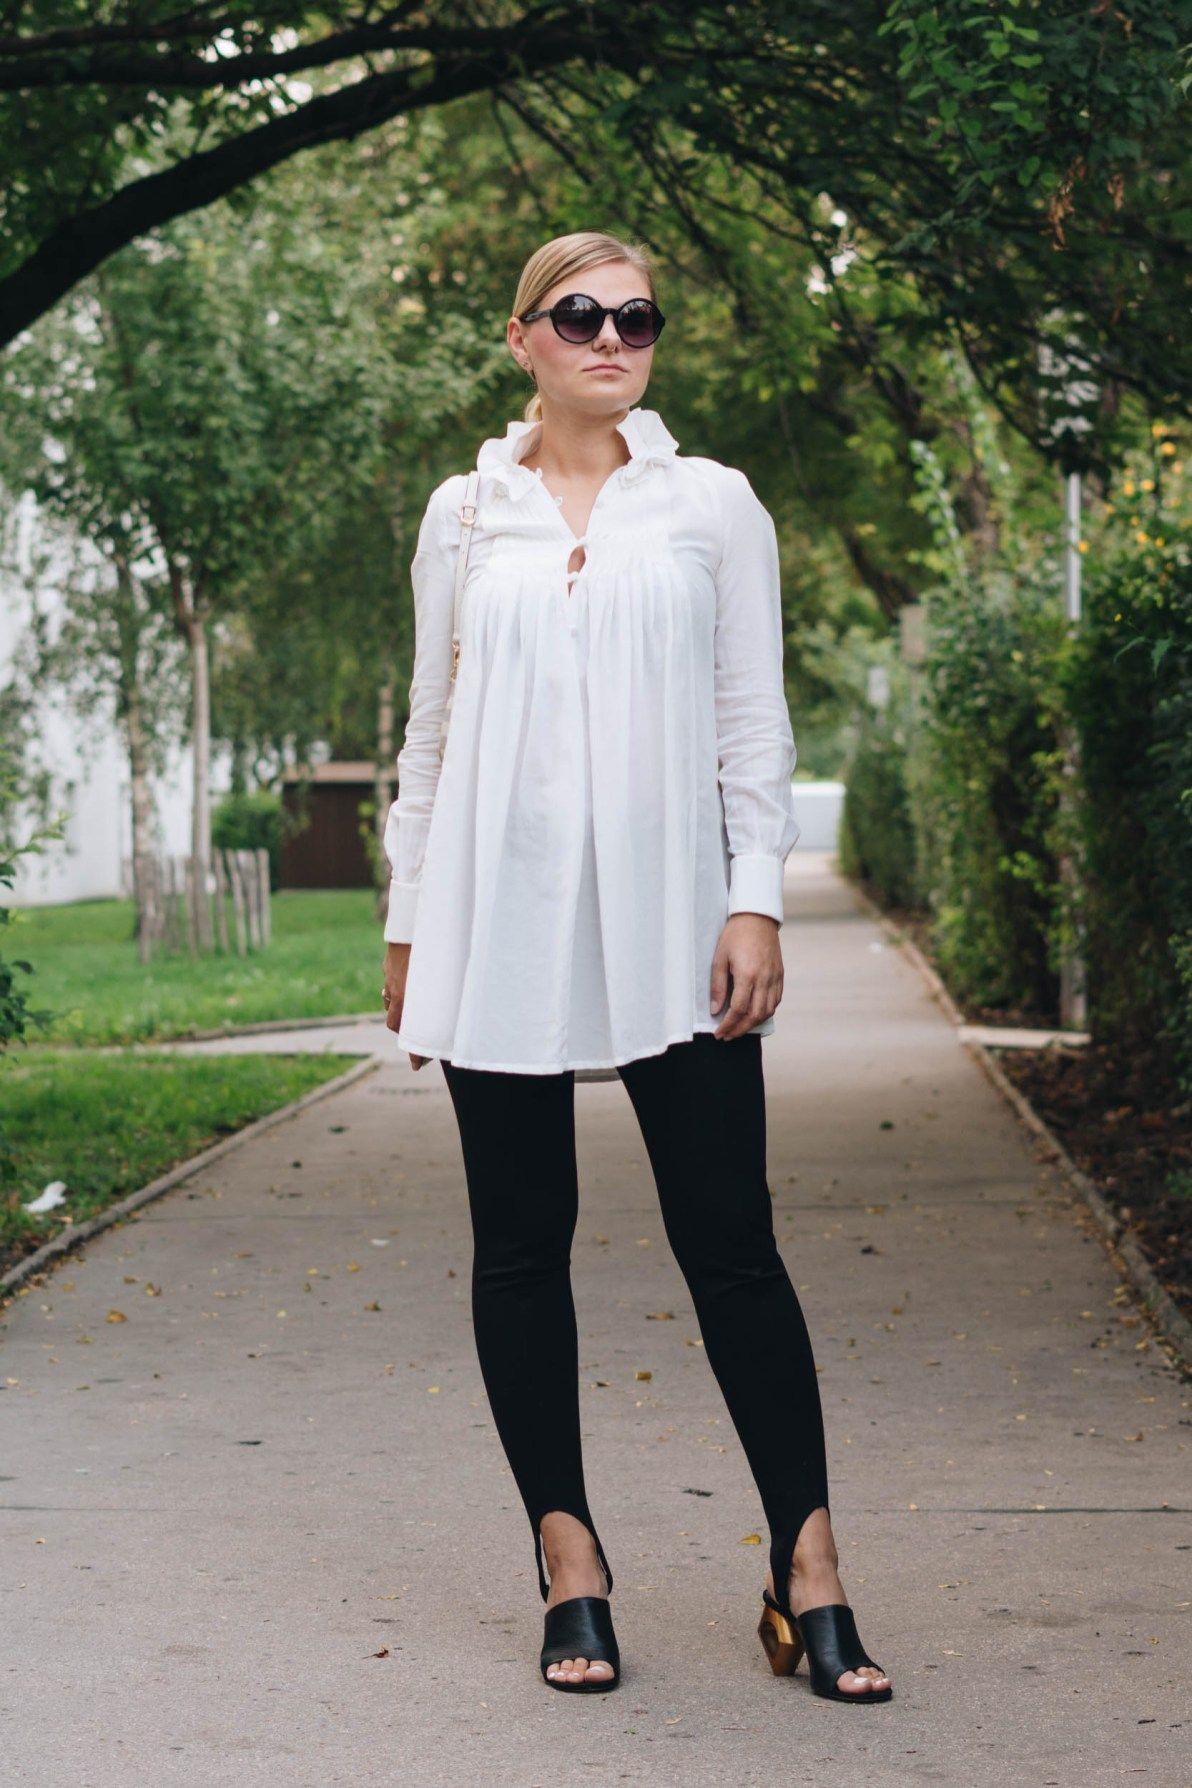 yellowgirl_#BlackandWhite Outfit in weißer Tunkia-Bluse von lineight Jeggins mit Fußschlaufen Mules mit Goldabsatz runder Sonnenbrille und MINI POCHETTE von Louis Vuitton (1 von 7)